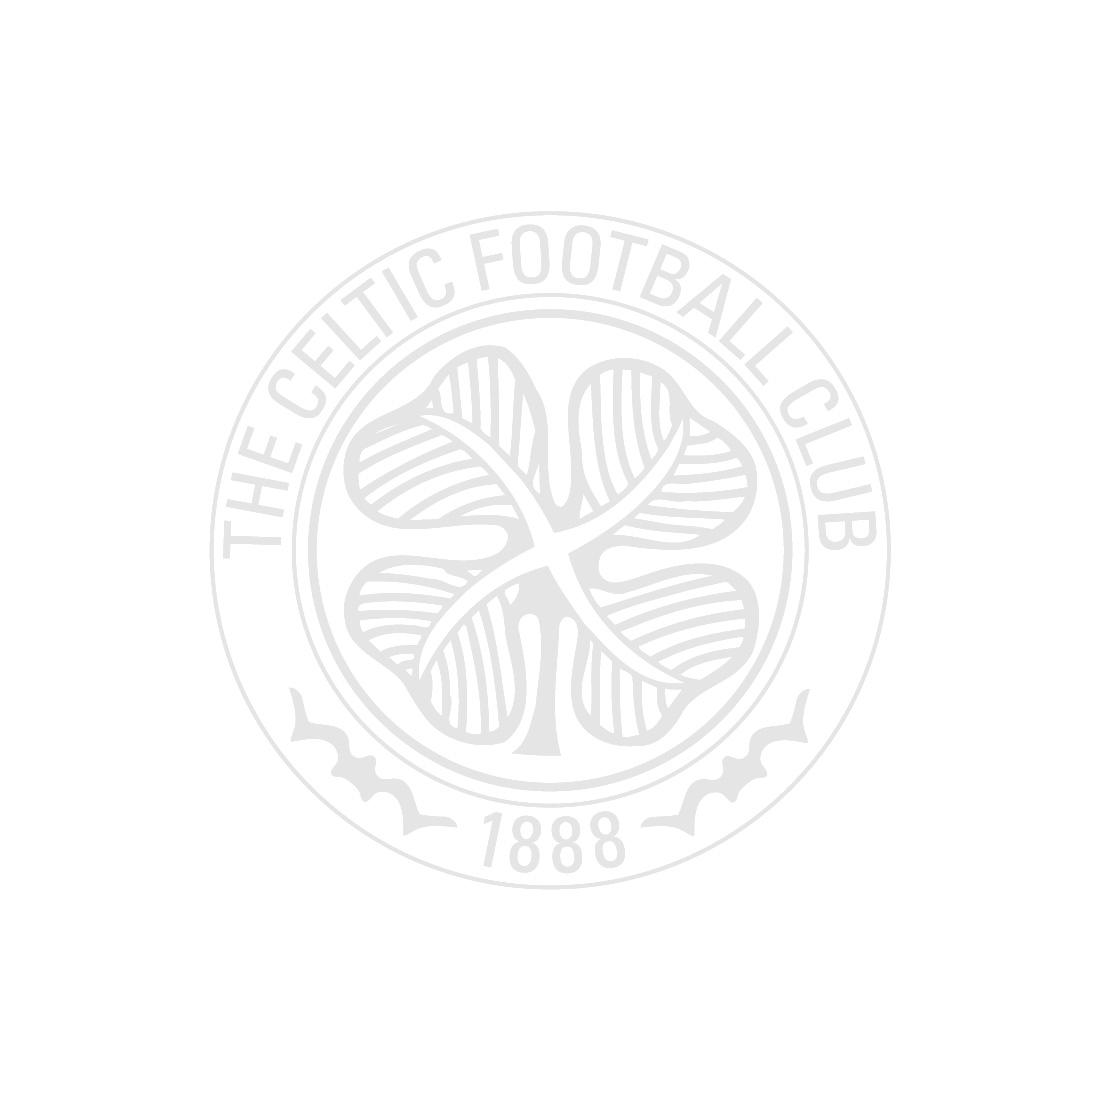 Celtic 1988 Centenary Team wallet